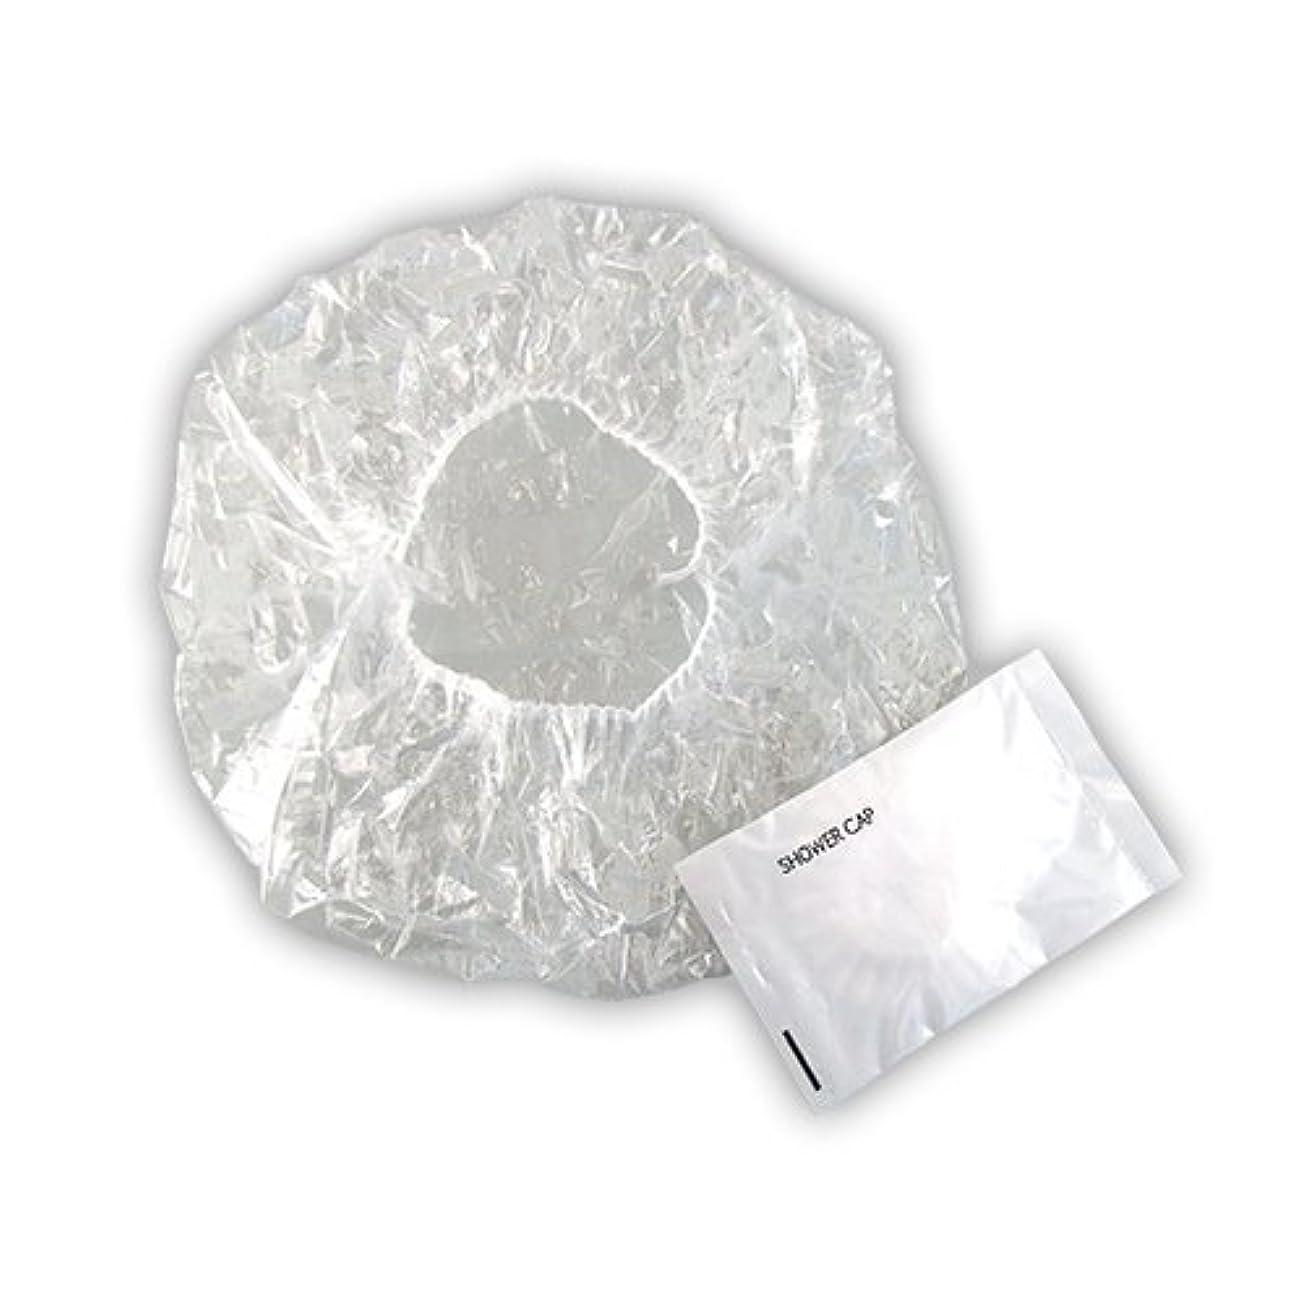 使い捨て シャワーキャップ 業務用 個包装タイプ ×50個セット|ホテルアメニティ (SHOWER CAP)